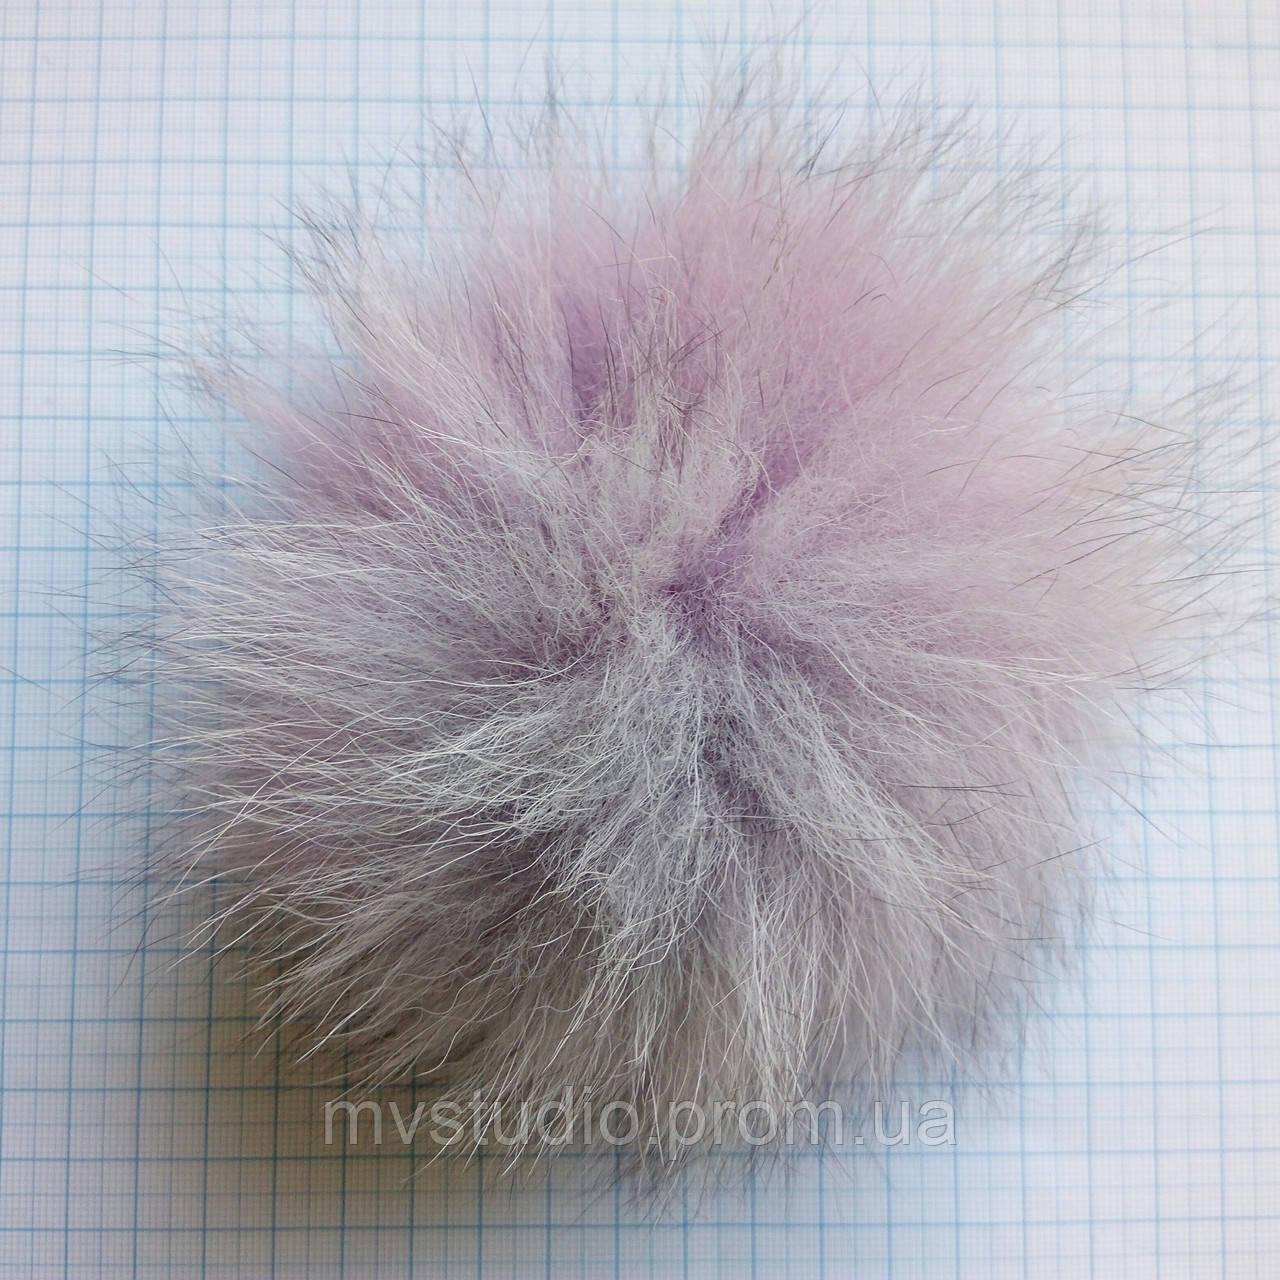 Помпон из натурального меха песца - 13 см